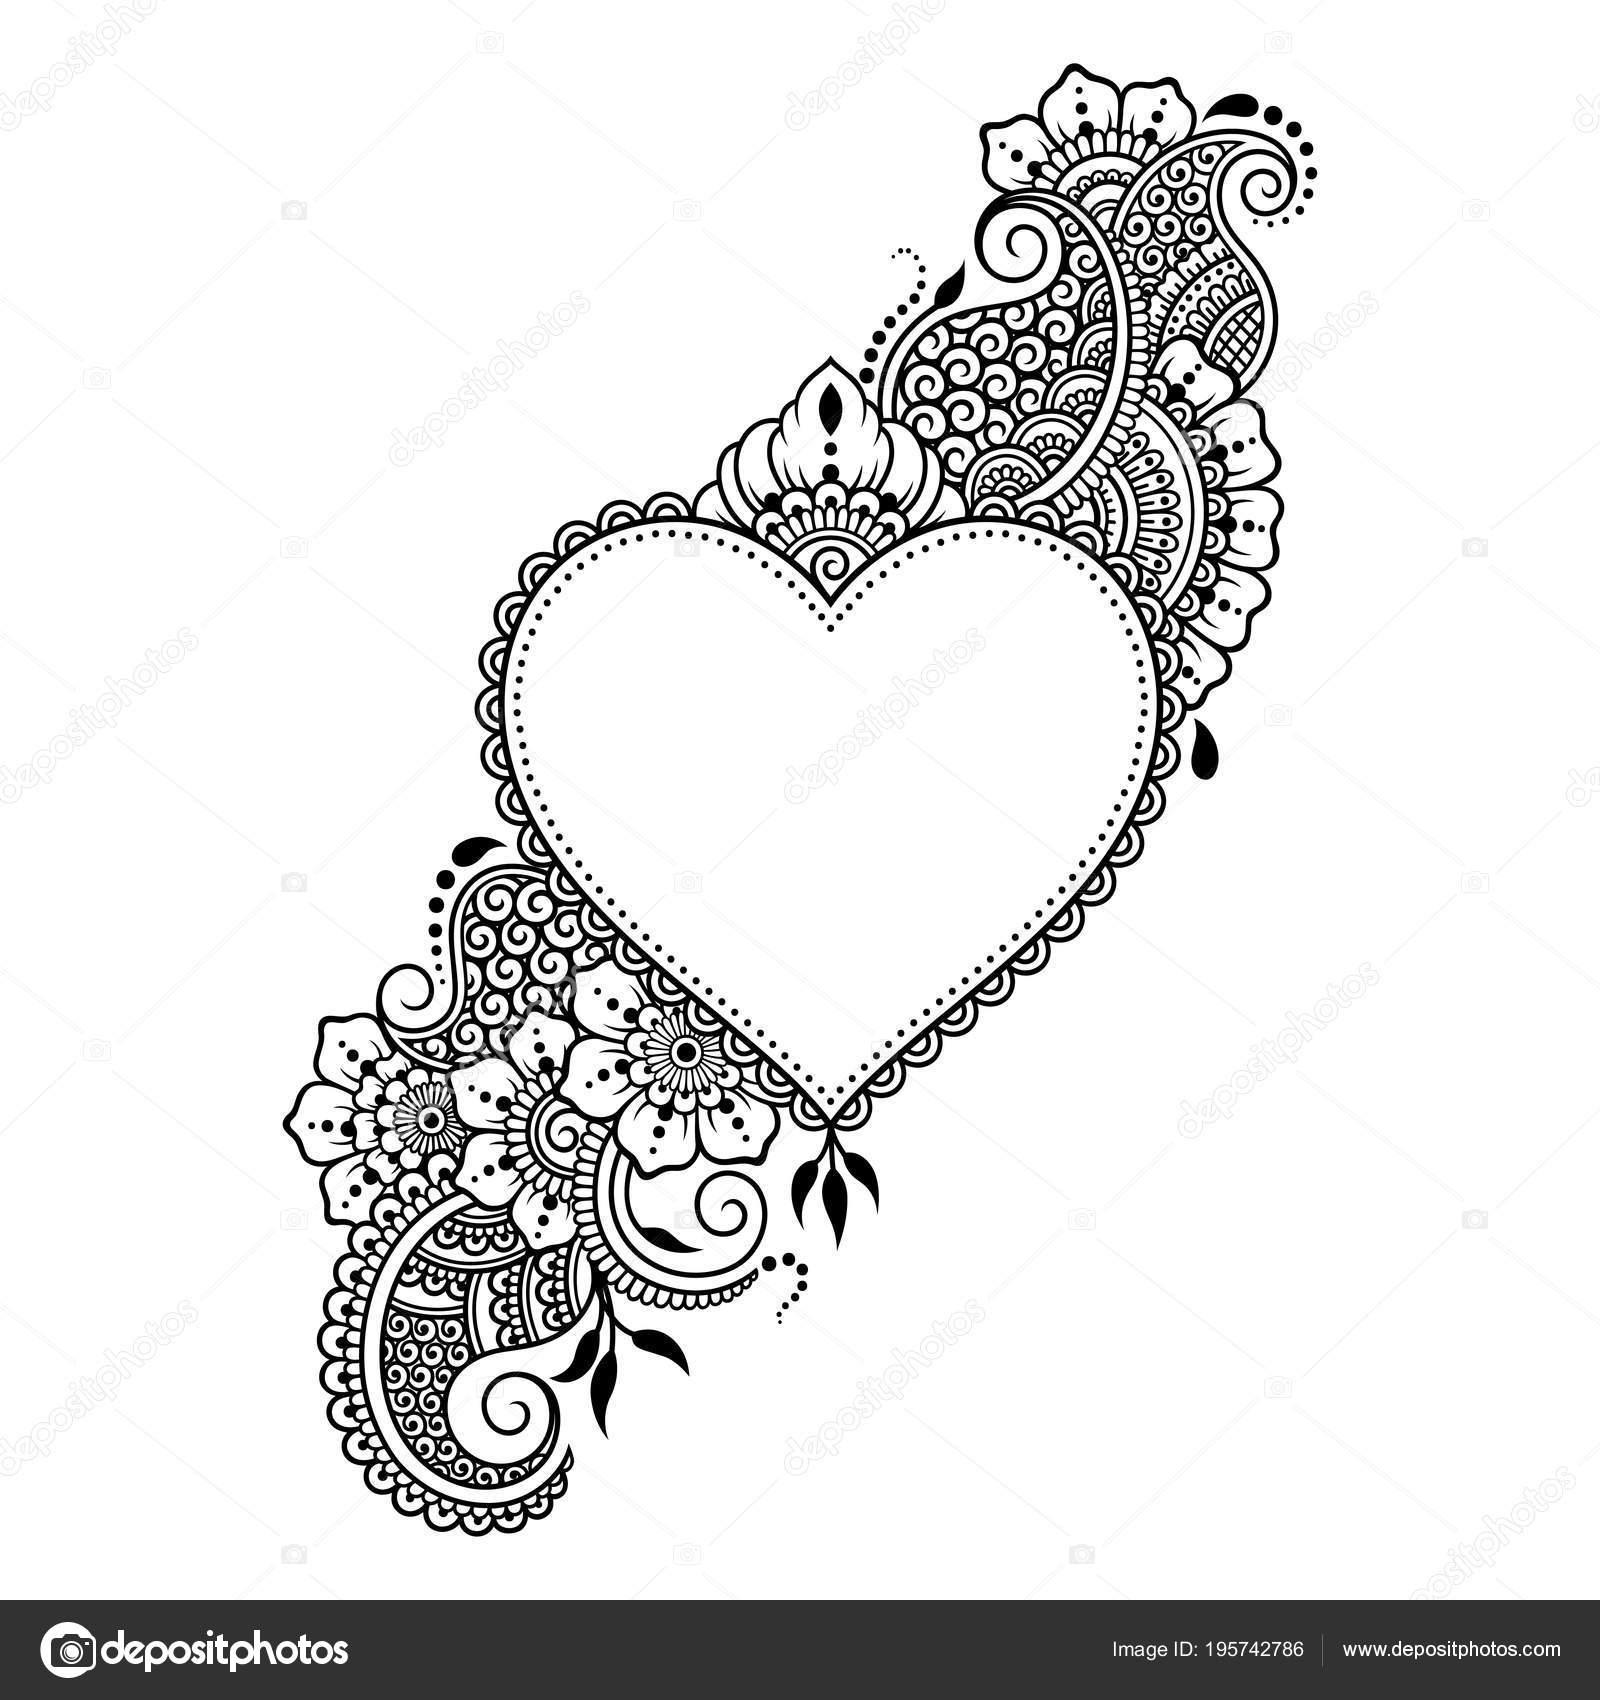 Dessin Pour Henné motif fleurs mehndi avec cœur pour dessin henné tatouage décoration